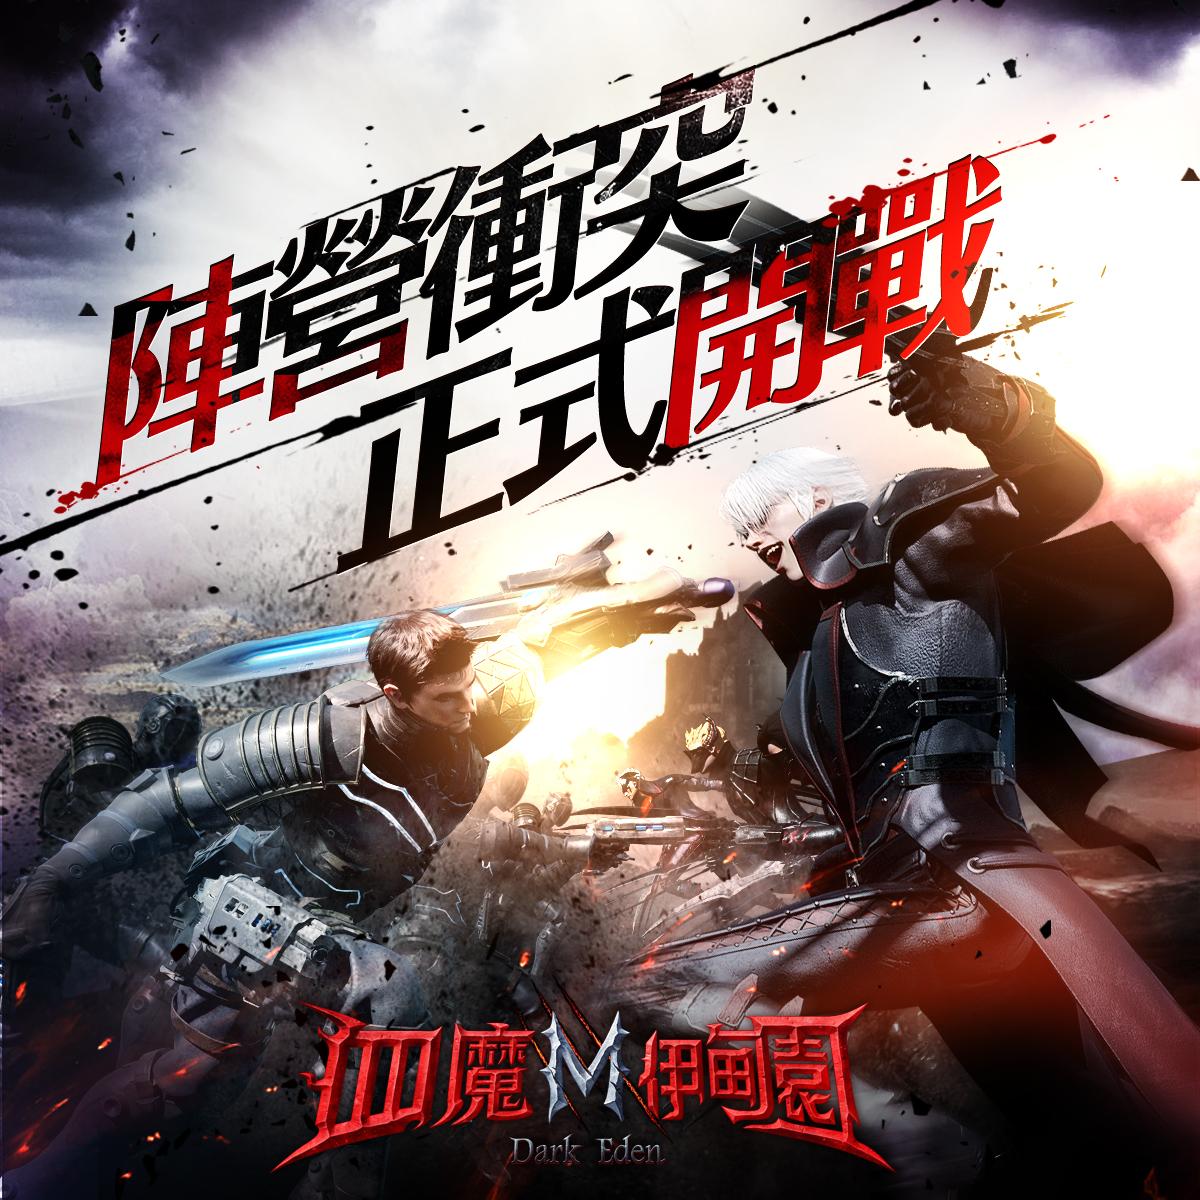 《血魔伊甸園M》今日正式開放下載  同步釋出開服活動